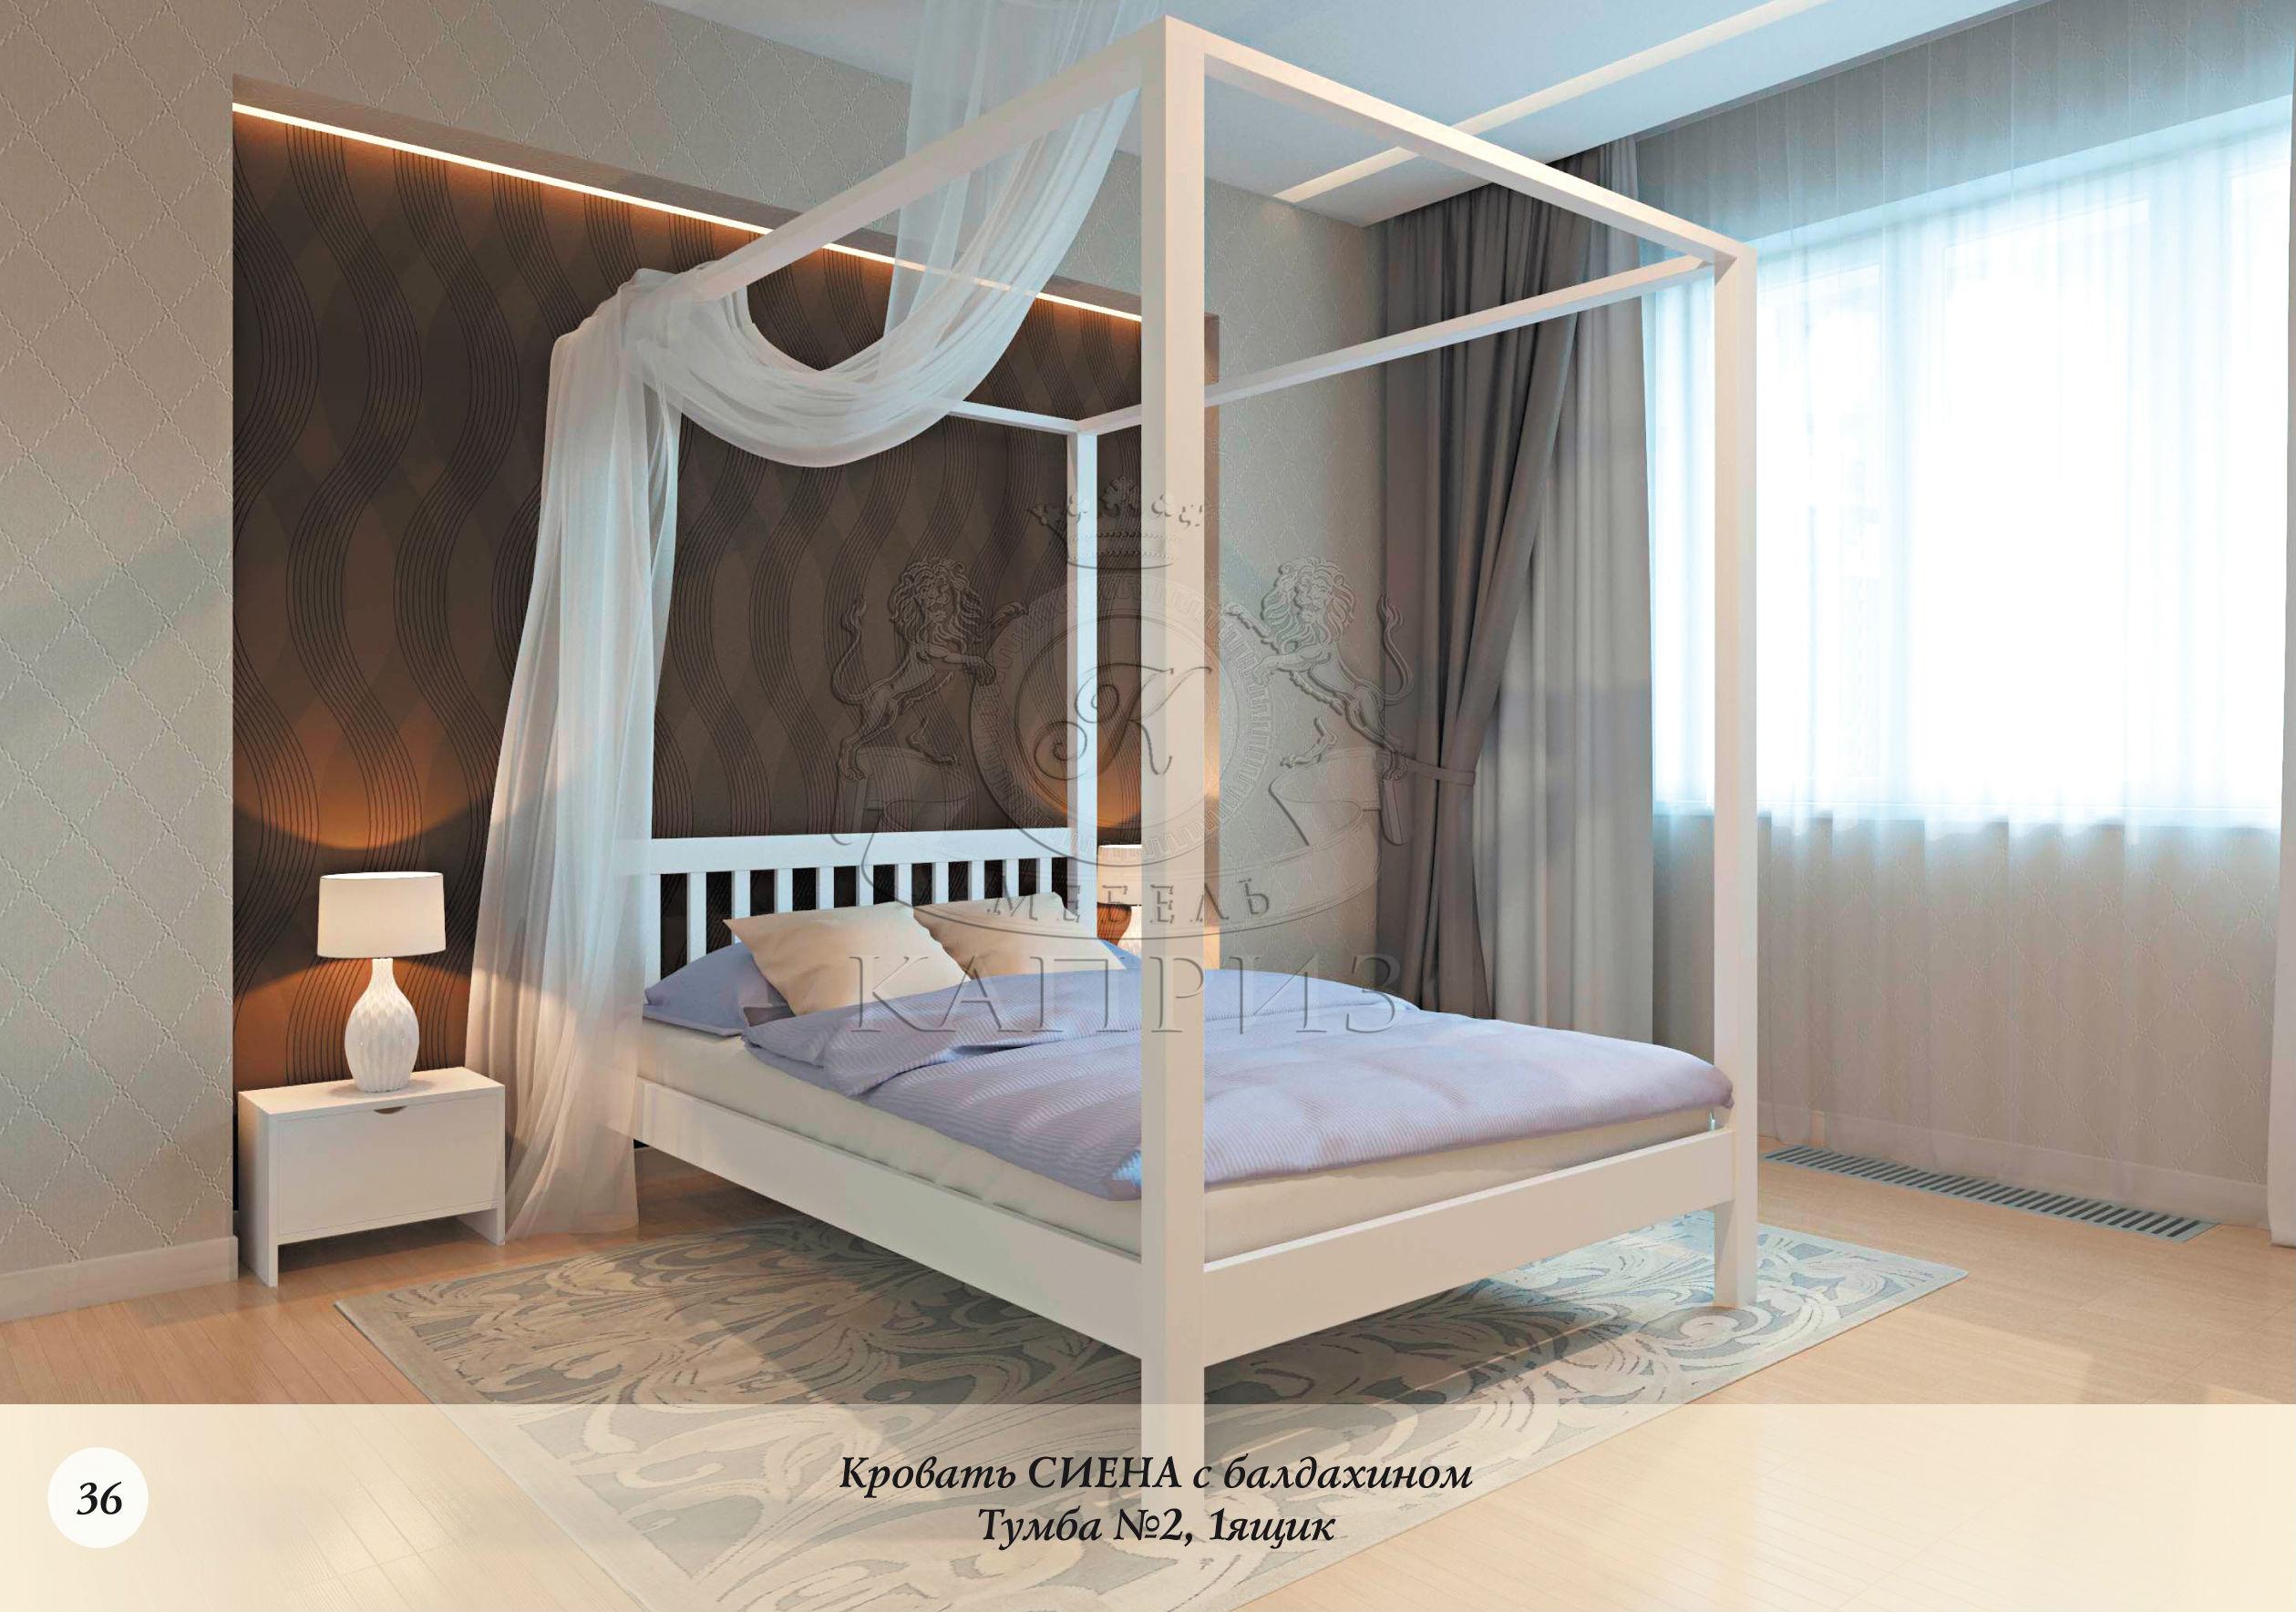 кровать из дерева сиена с балдахином купить кровать из дерева